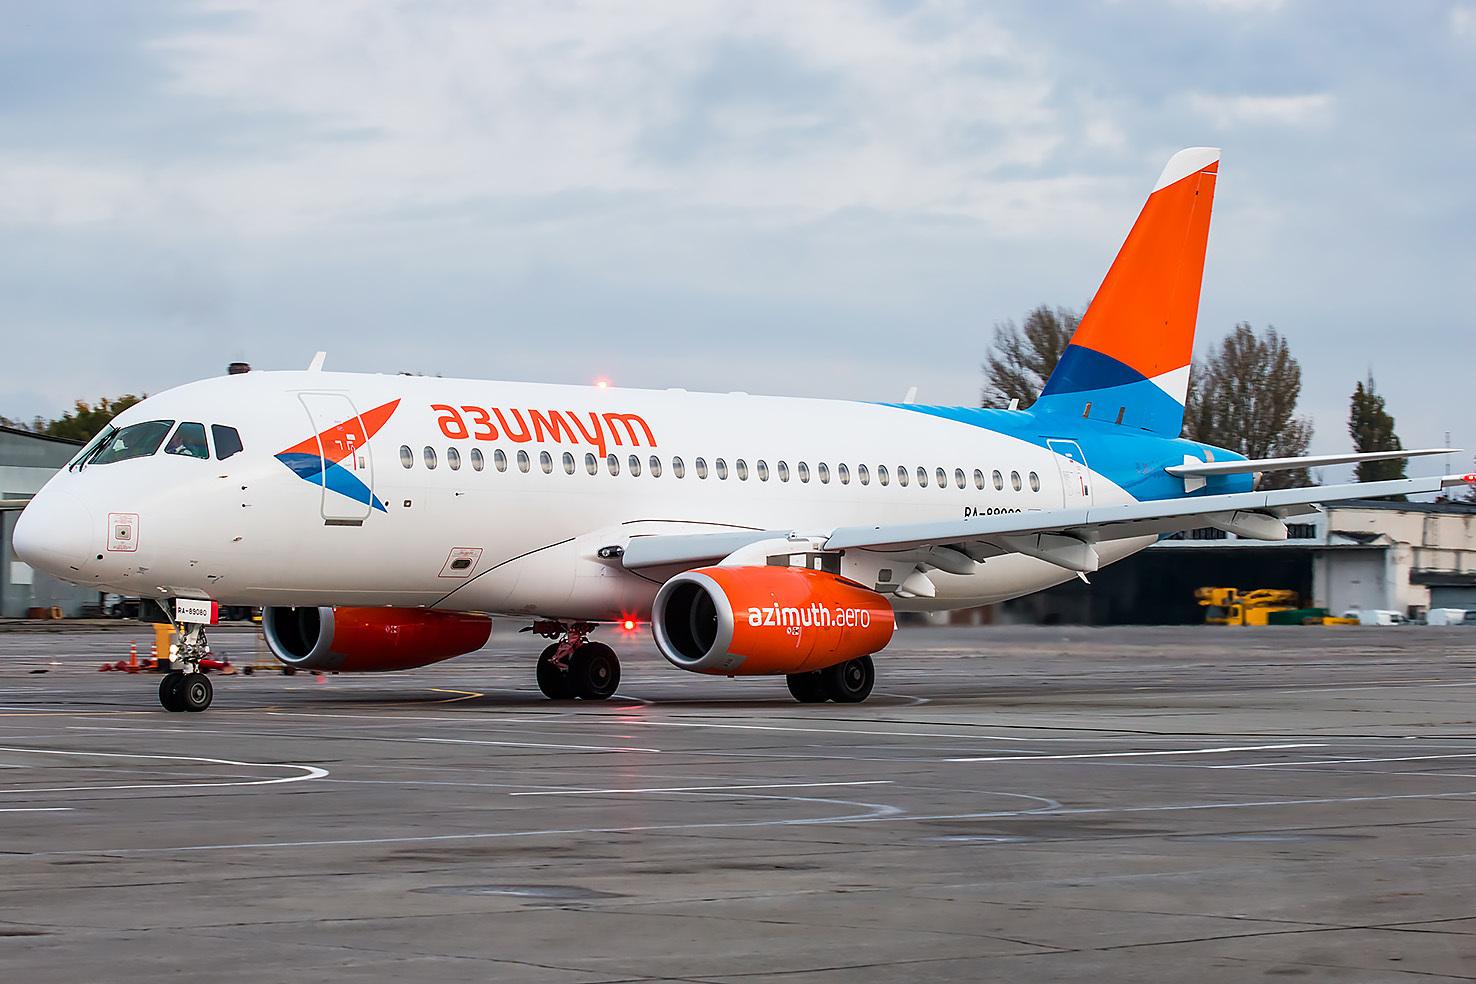 Заказ авиабилетов краснодар акция авиабилеты дешево новая авиакомпания